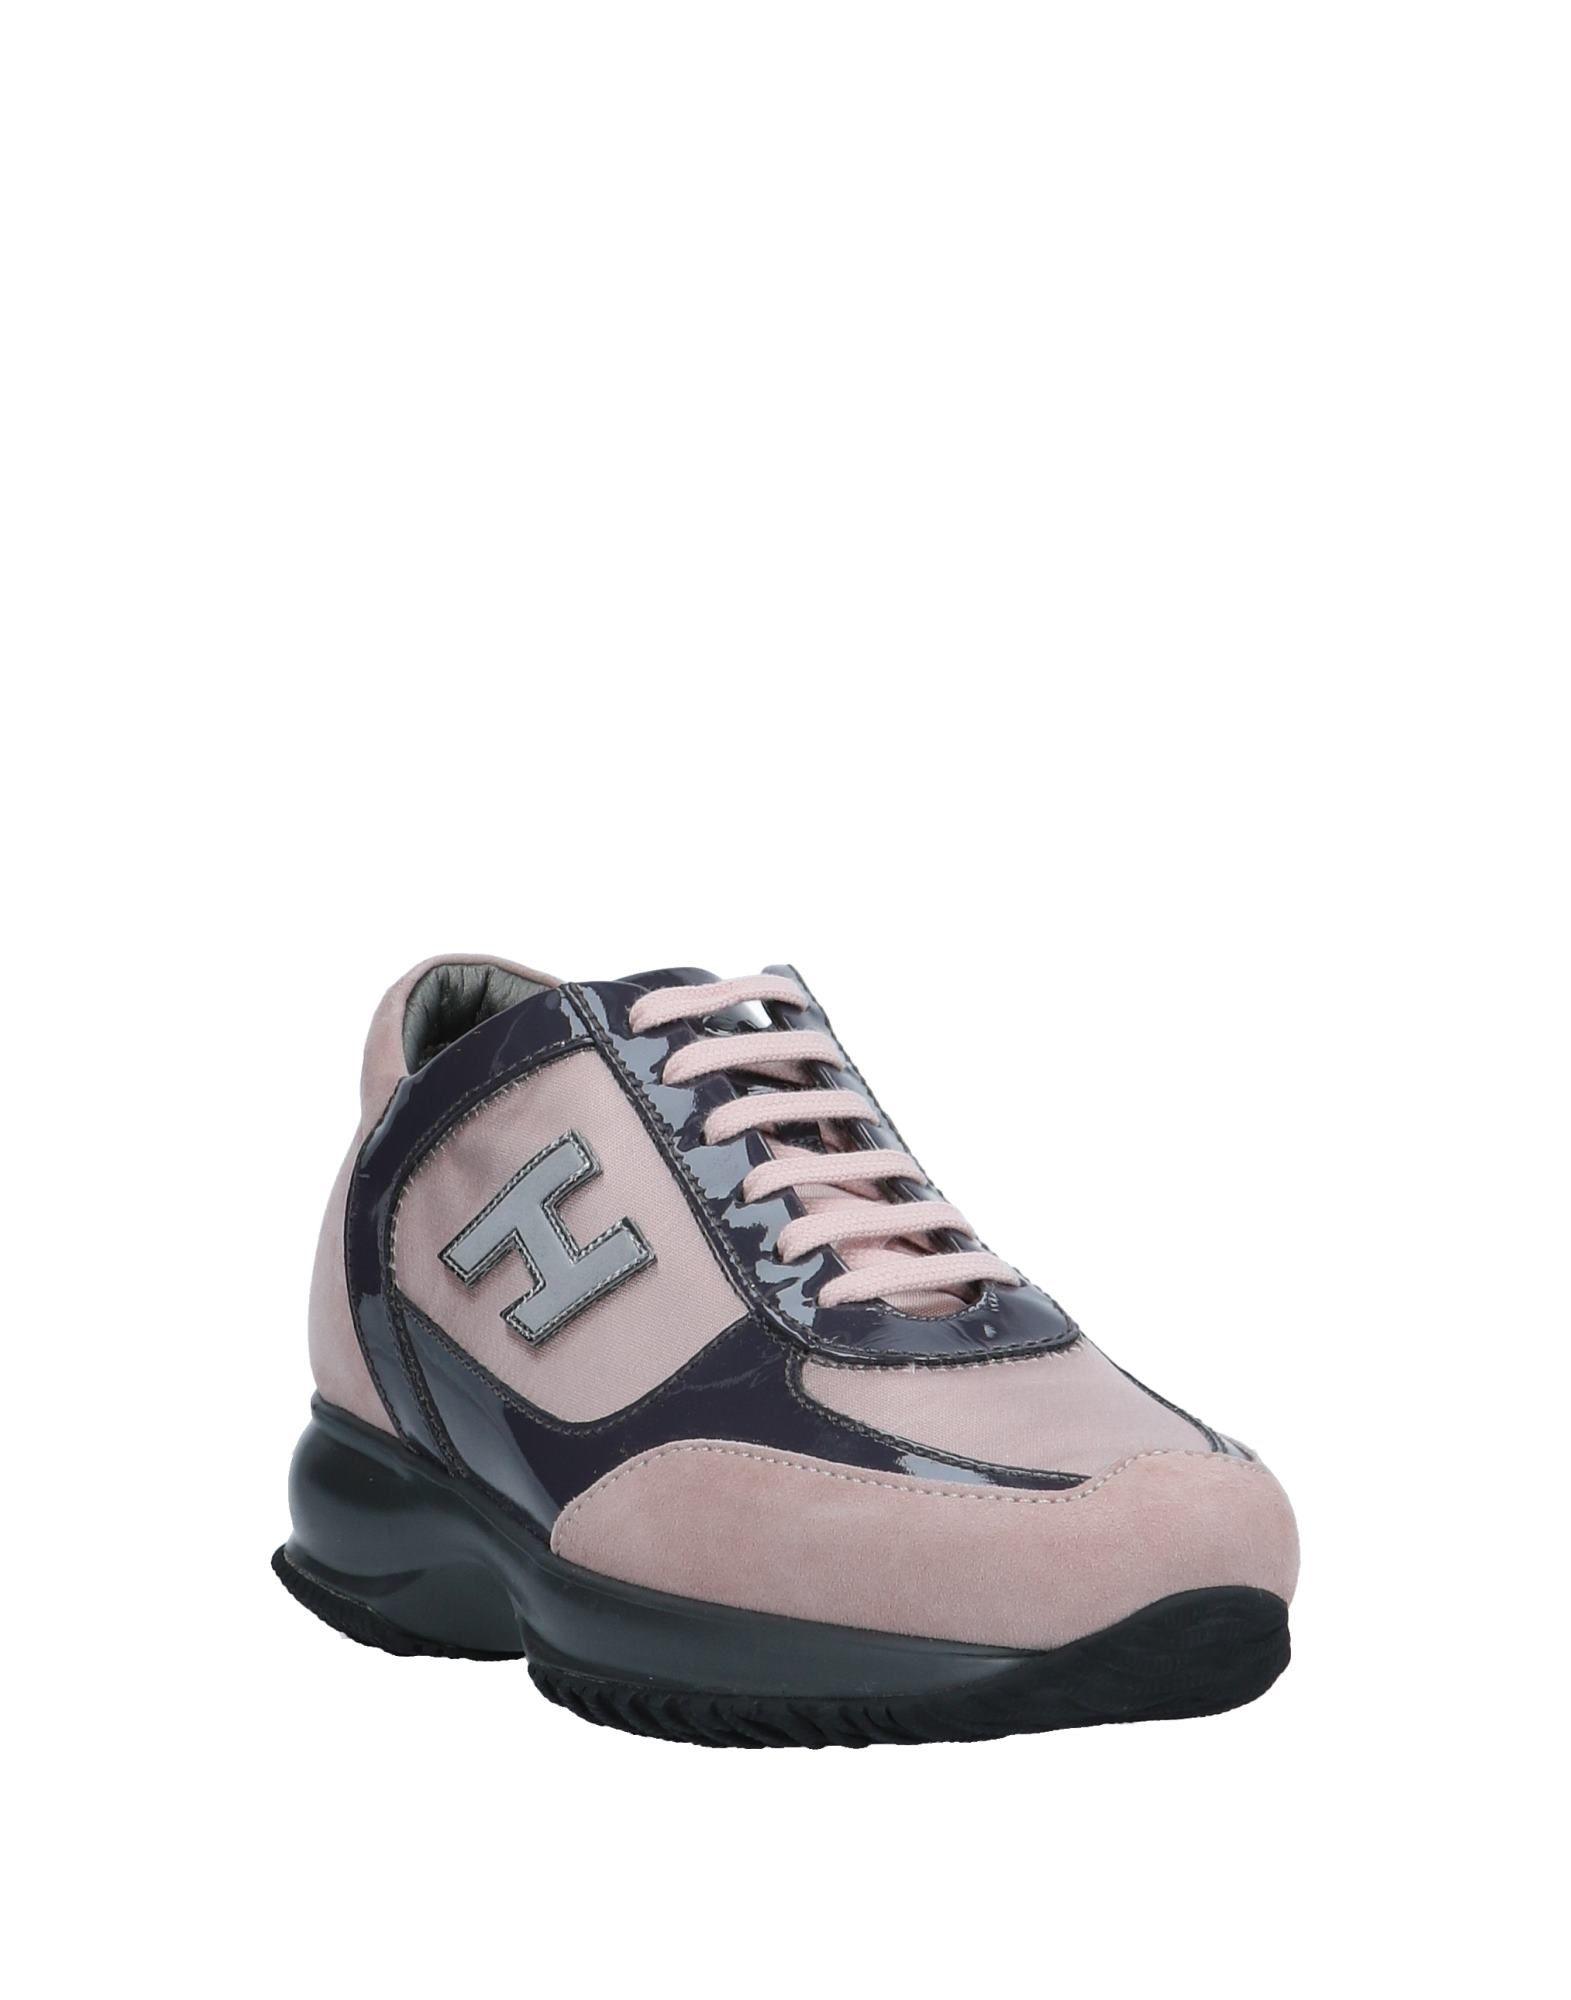 Hogan Turnschuhes Turnschuhes Turnschuhes Damen 11567849VJGut aussehende strapazierfähige Schuhe 028a0f